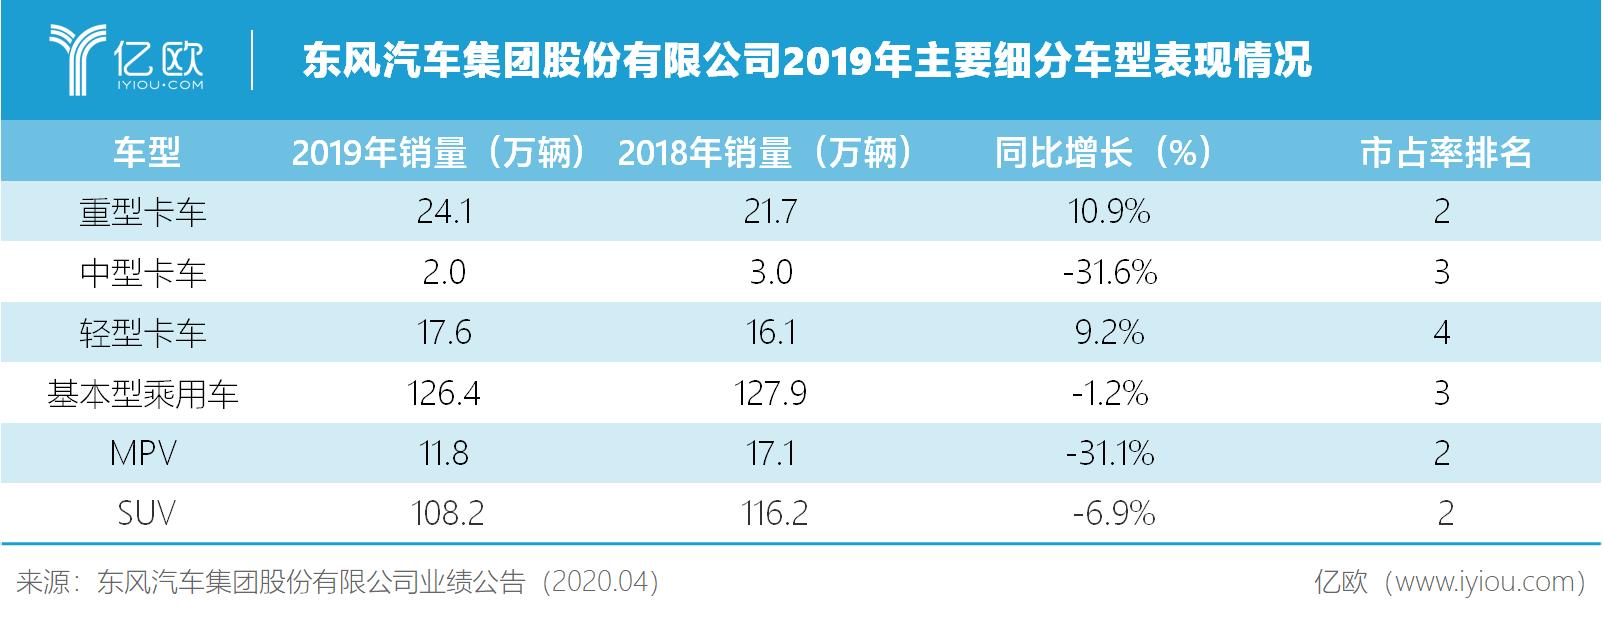 东风汽车集团股份有限公司2019年主要细分车型外现情况